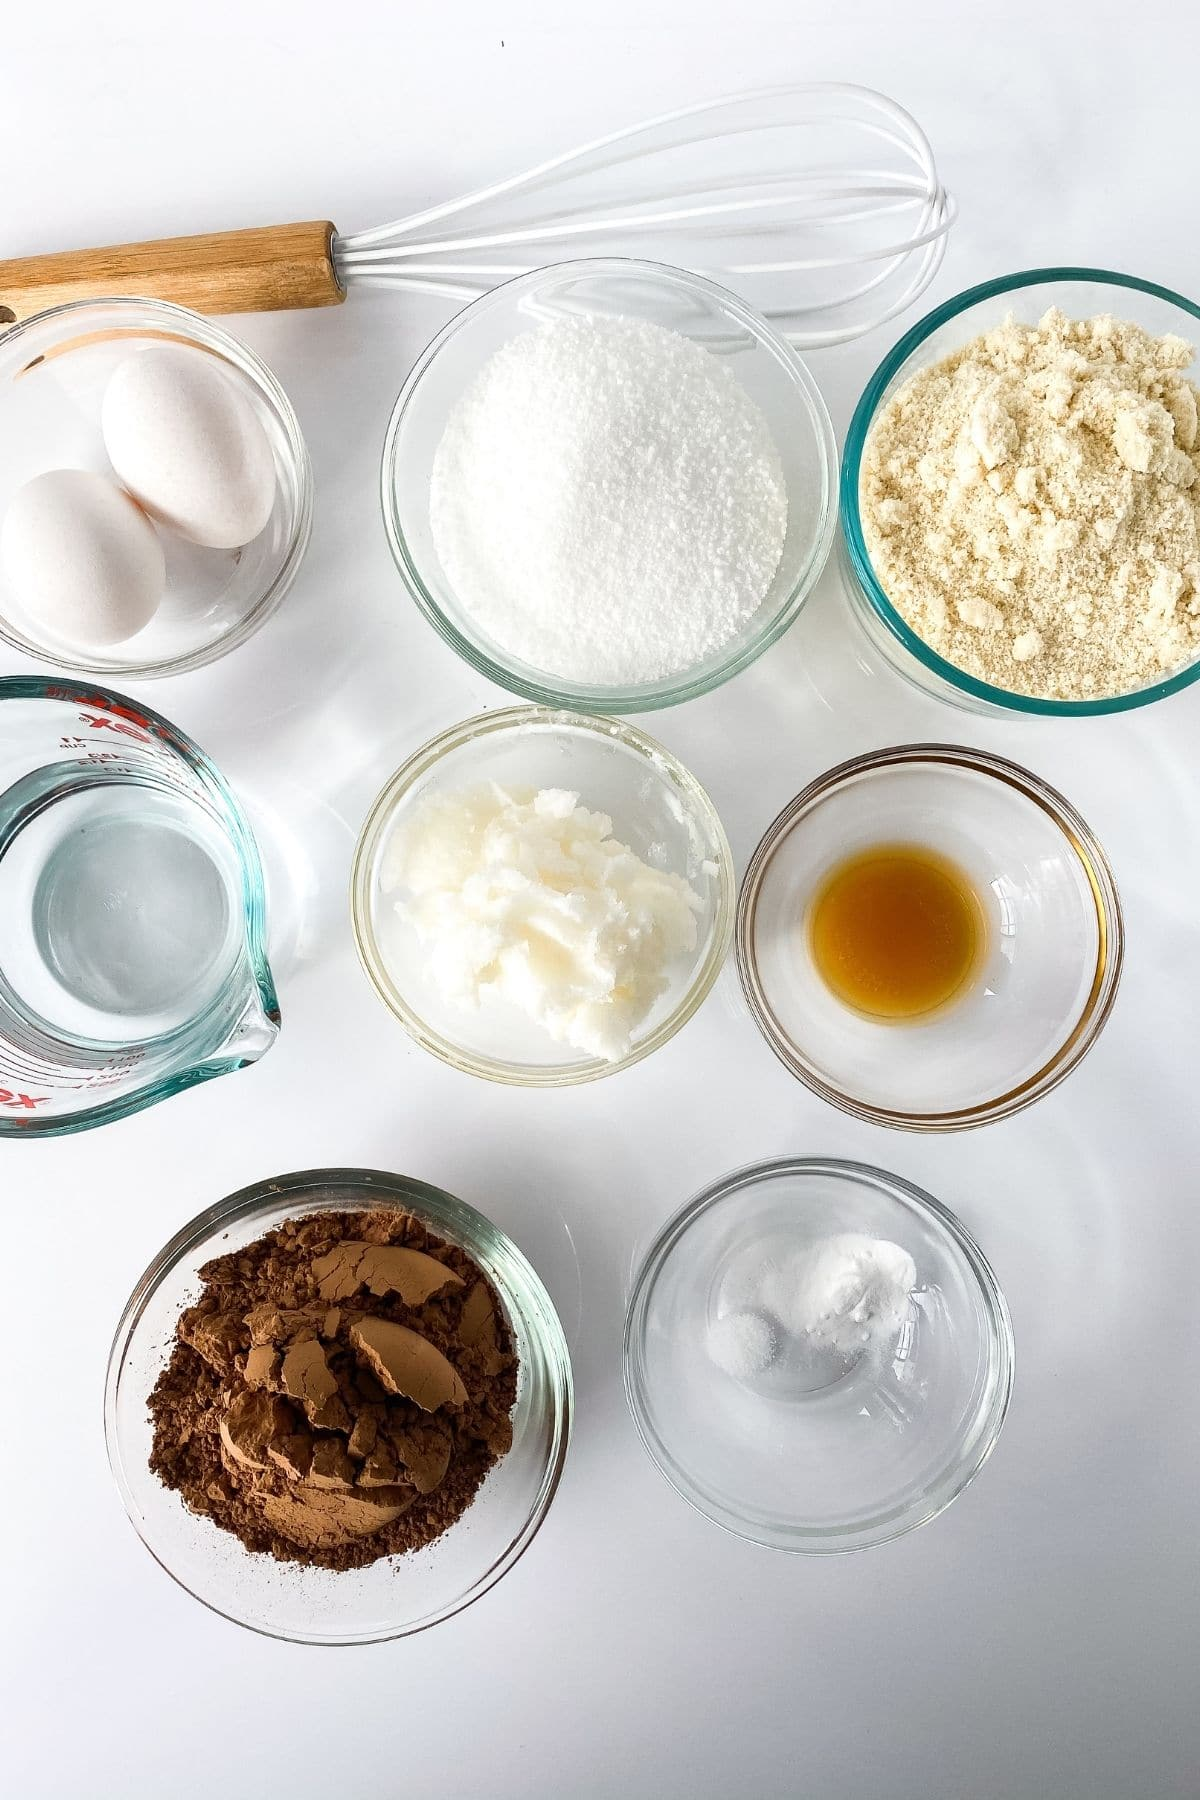 Ingredients for keto brownies